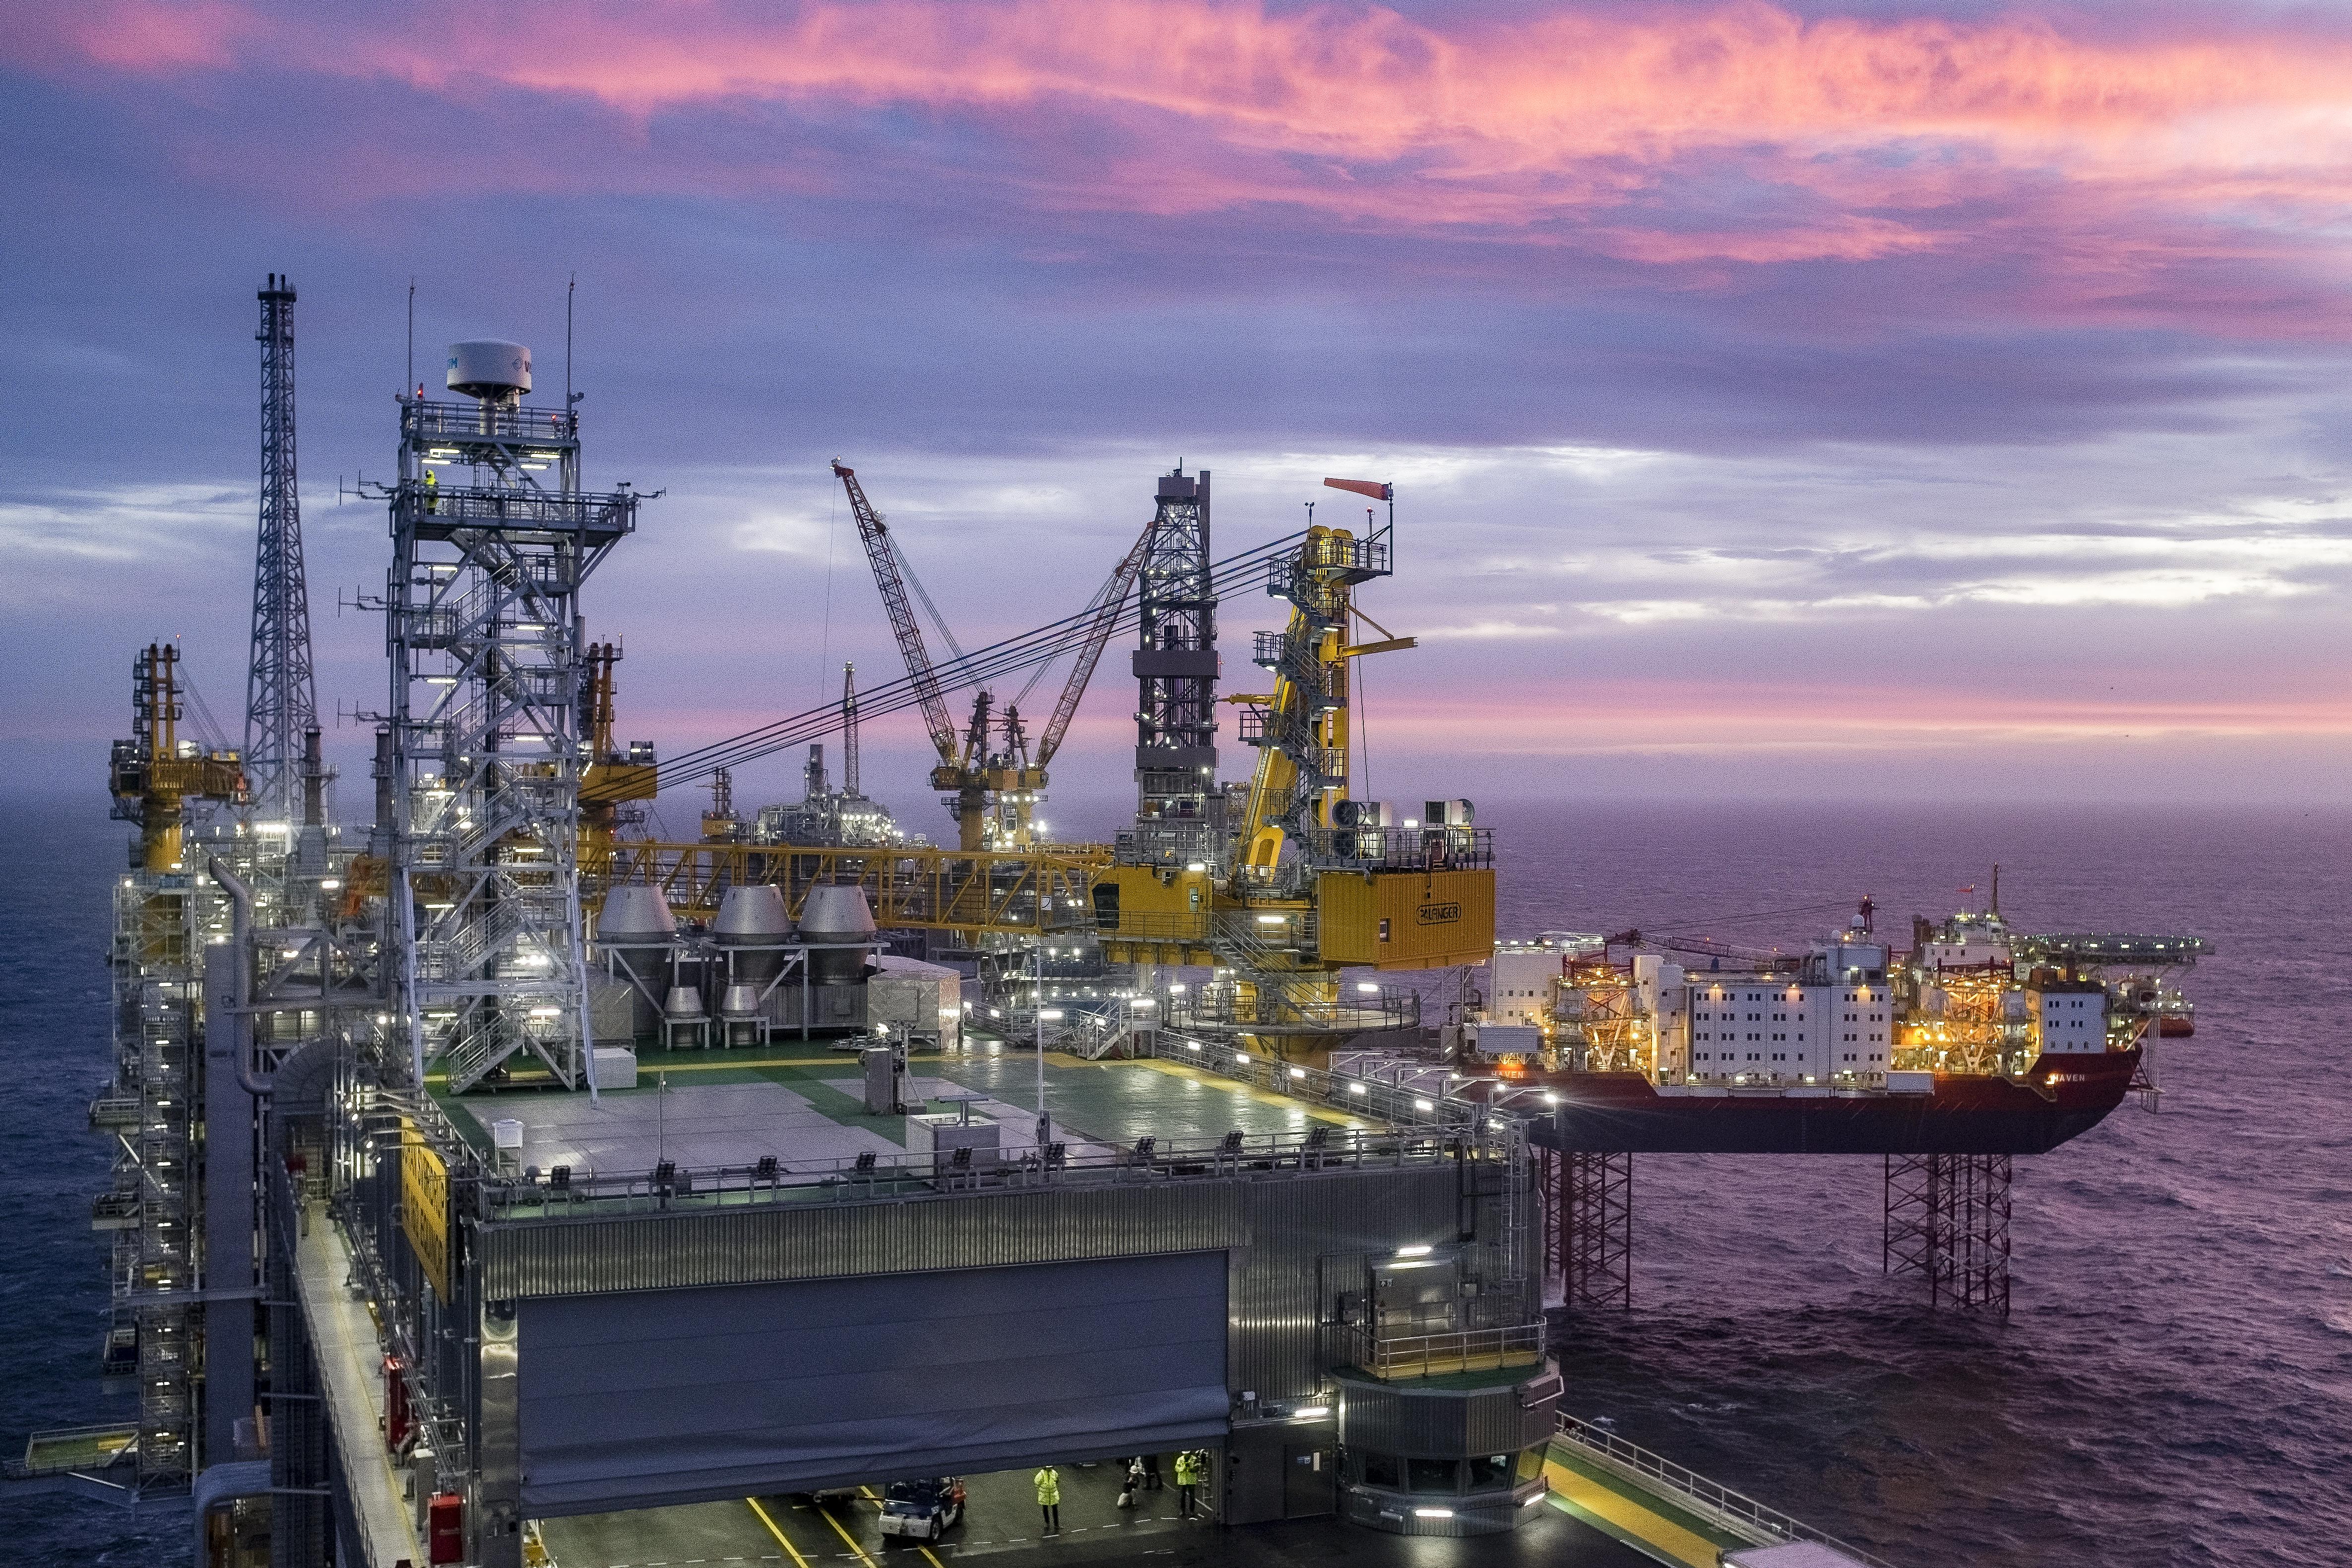 A norvég nyugdíjalap eladta az olajkutatással és olajtermeléssel foglalkozó cégek részvényeit